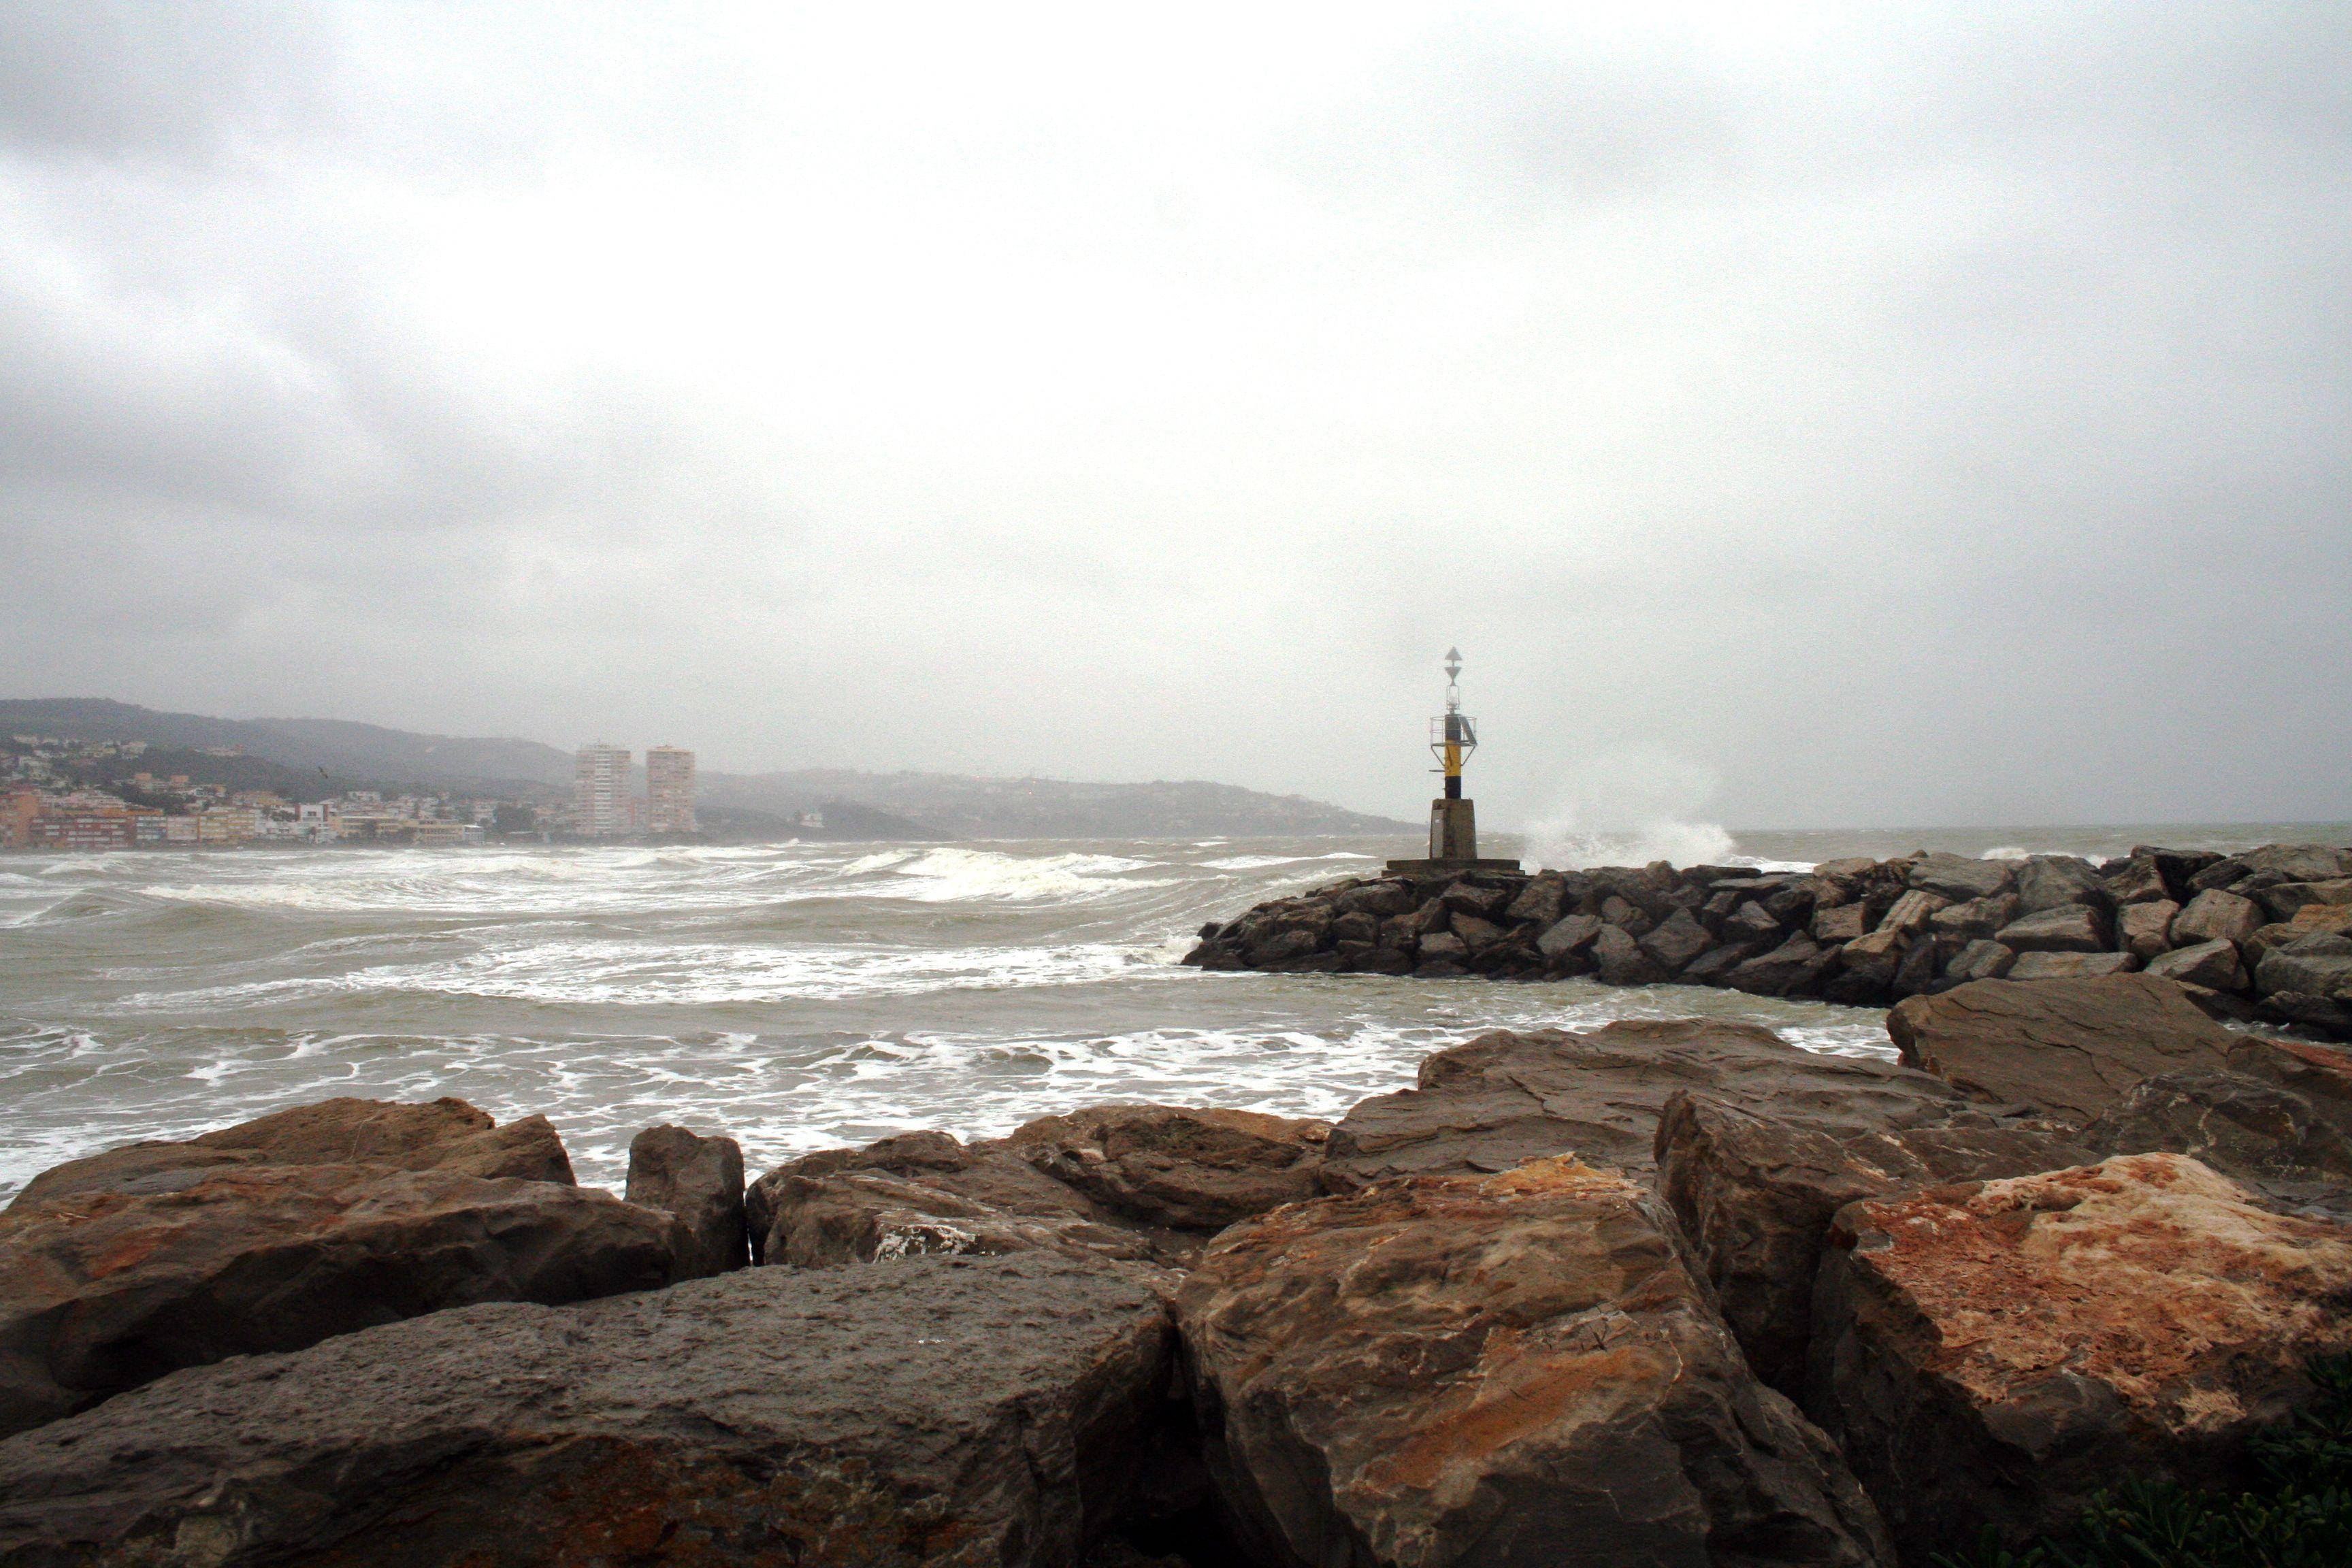 Mar tormentoso en la playa de Torreguadiaro Sotogrande, en San Roque.